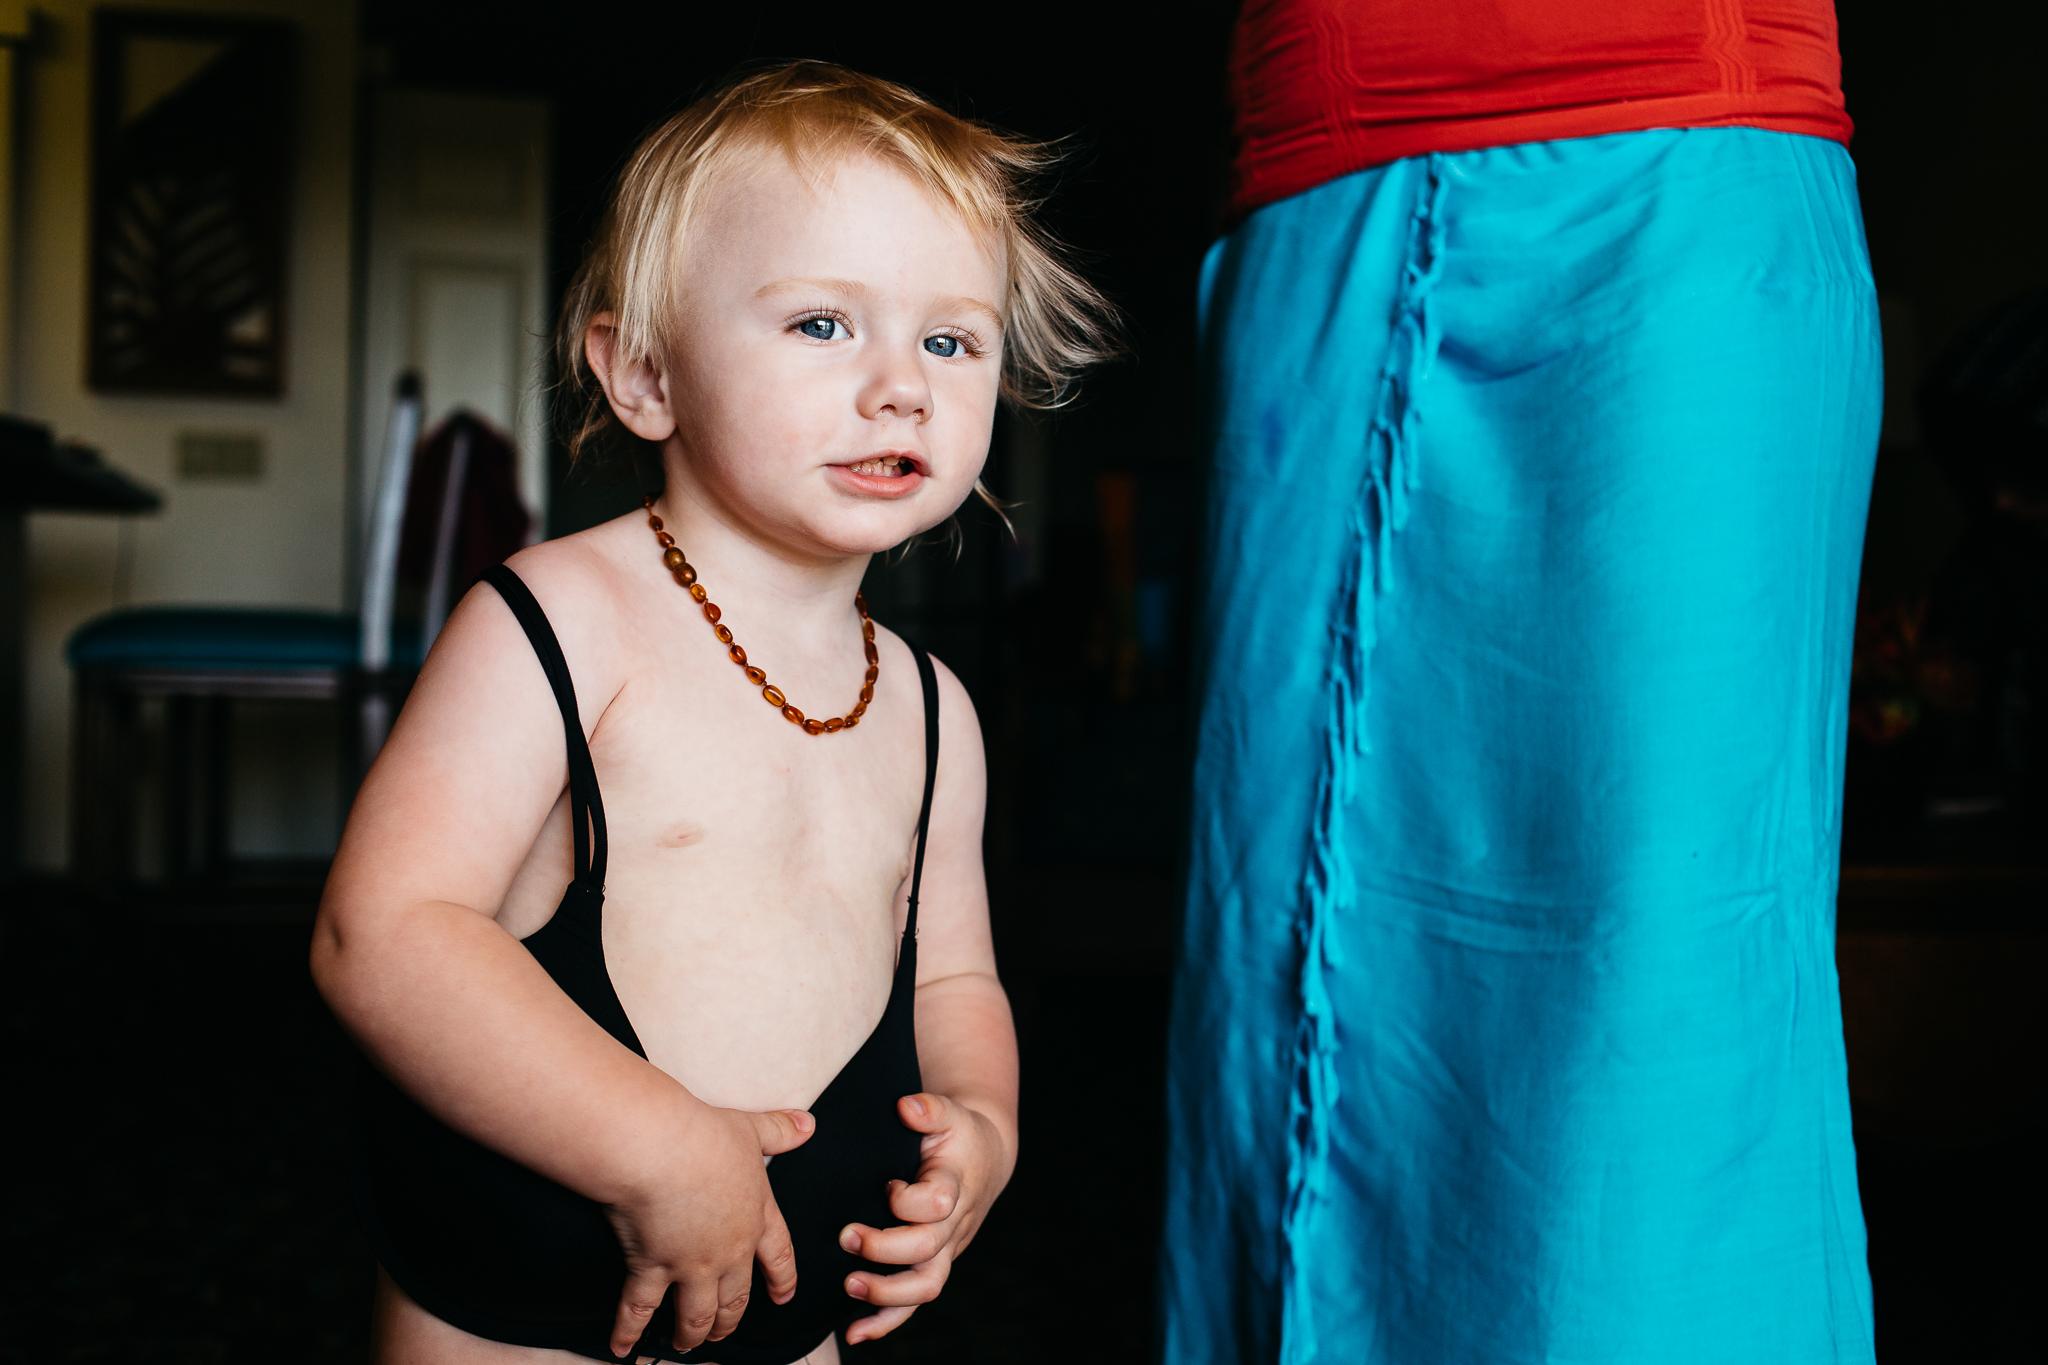 Toddler girl wearing mom's nursing bra.